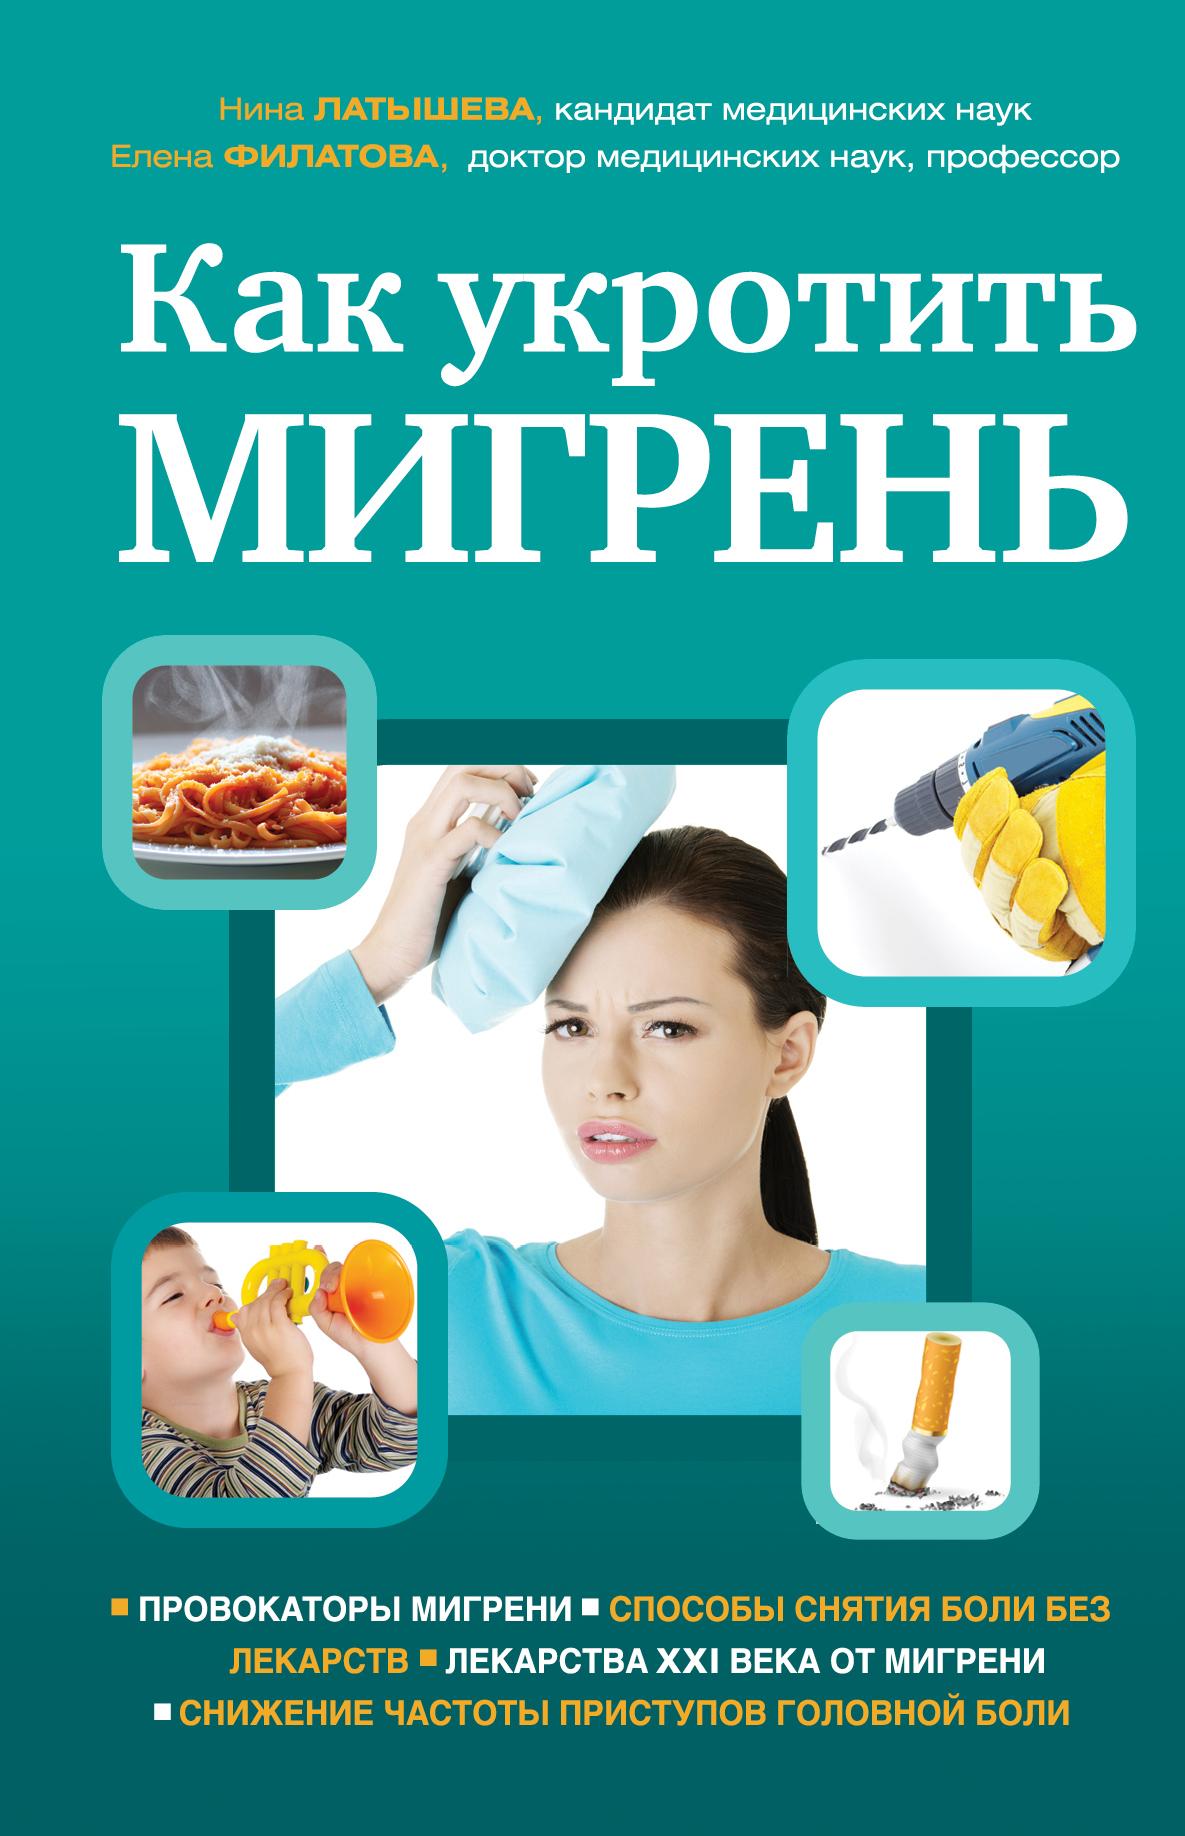 Как укротить мигрень ( Филатова Елена Глебовна, Латышева Нина Владимировна  )